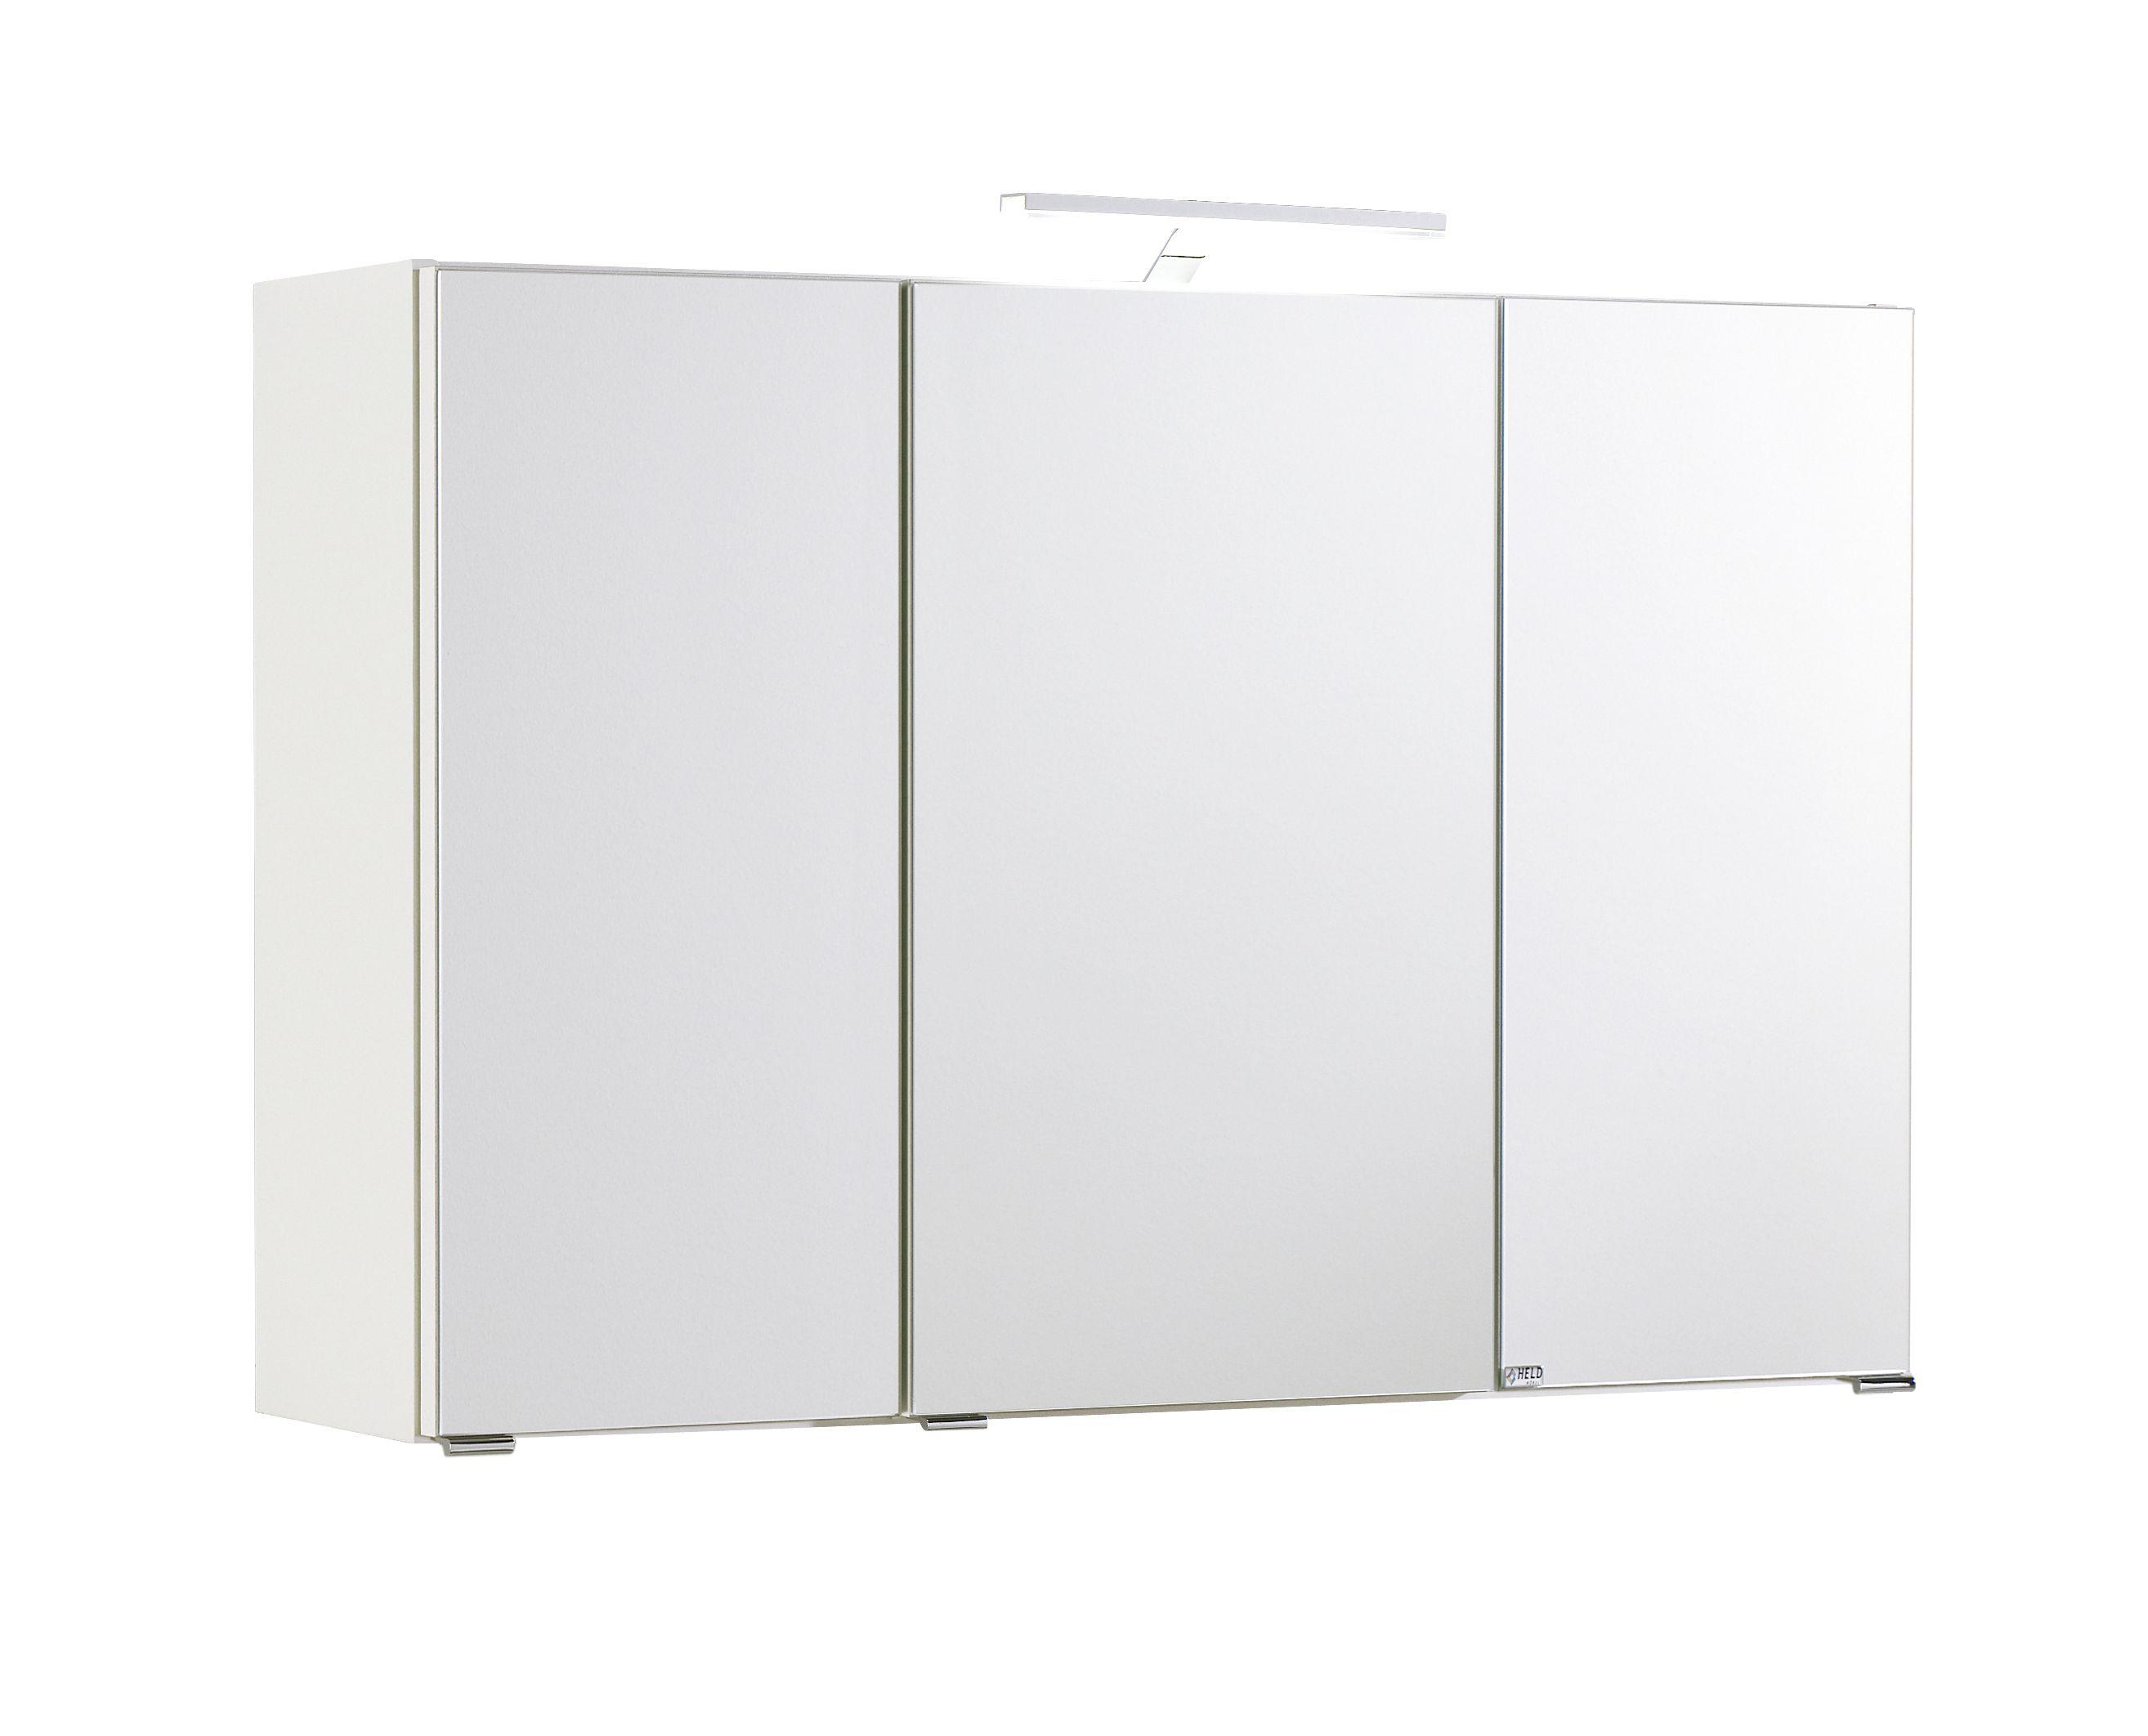 3d spiegelschrank 100 inkl led beleuchtung capri von held. Black Bedroom Furniture Sets. Home Design Ideas